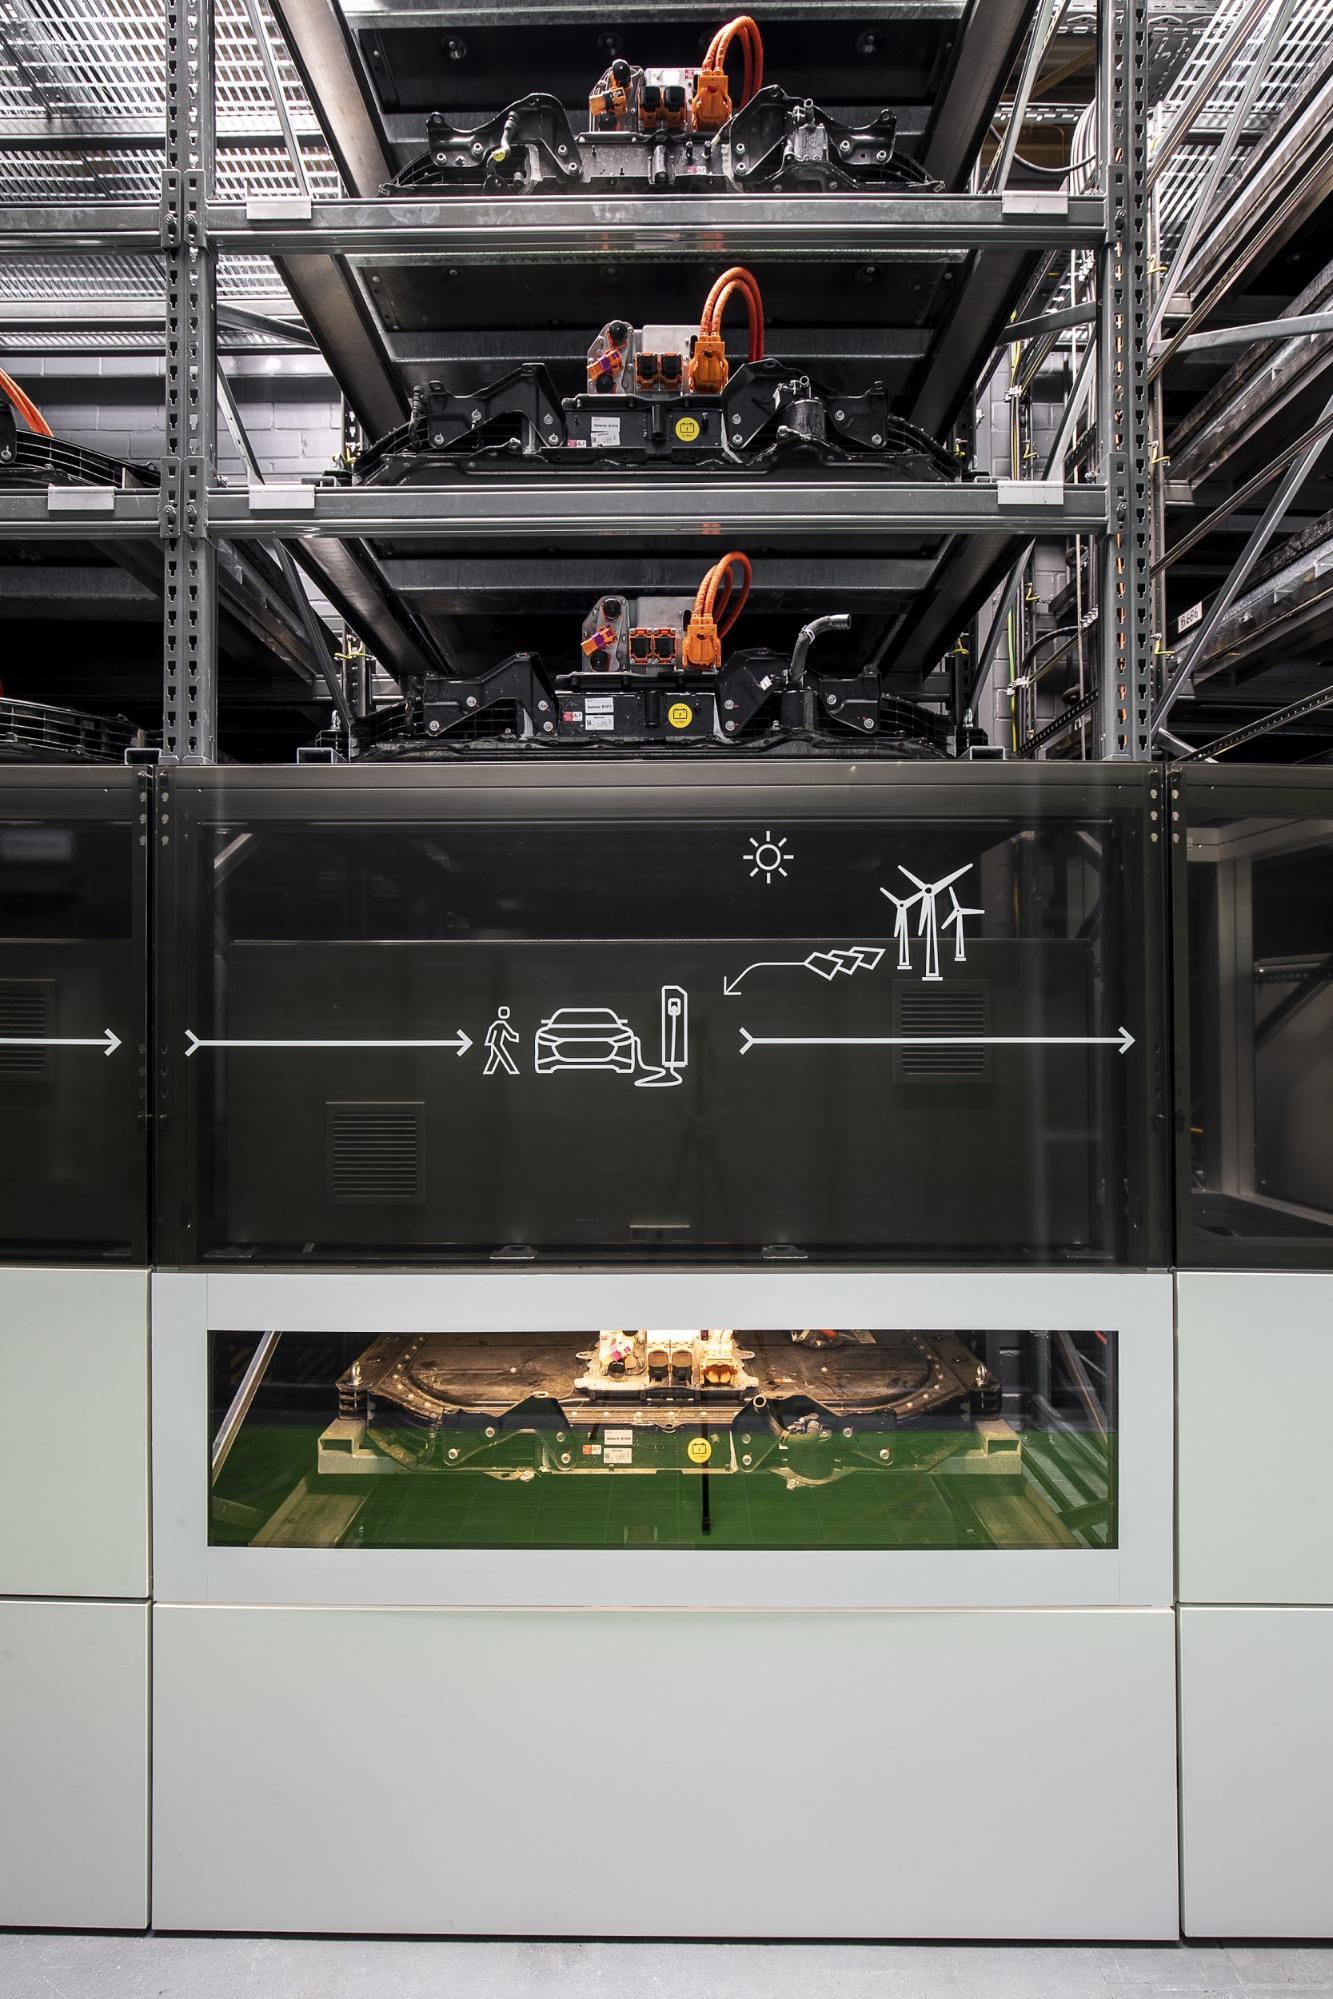 Una volta tante batterie per auto, oggi un'unica unità: visuale delle batterie e-tron accatastate diventate impianto di stoccaggio multiuso presso il campus EUREF a Berlino. (AUDI)